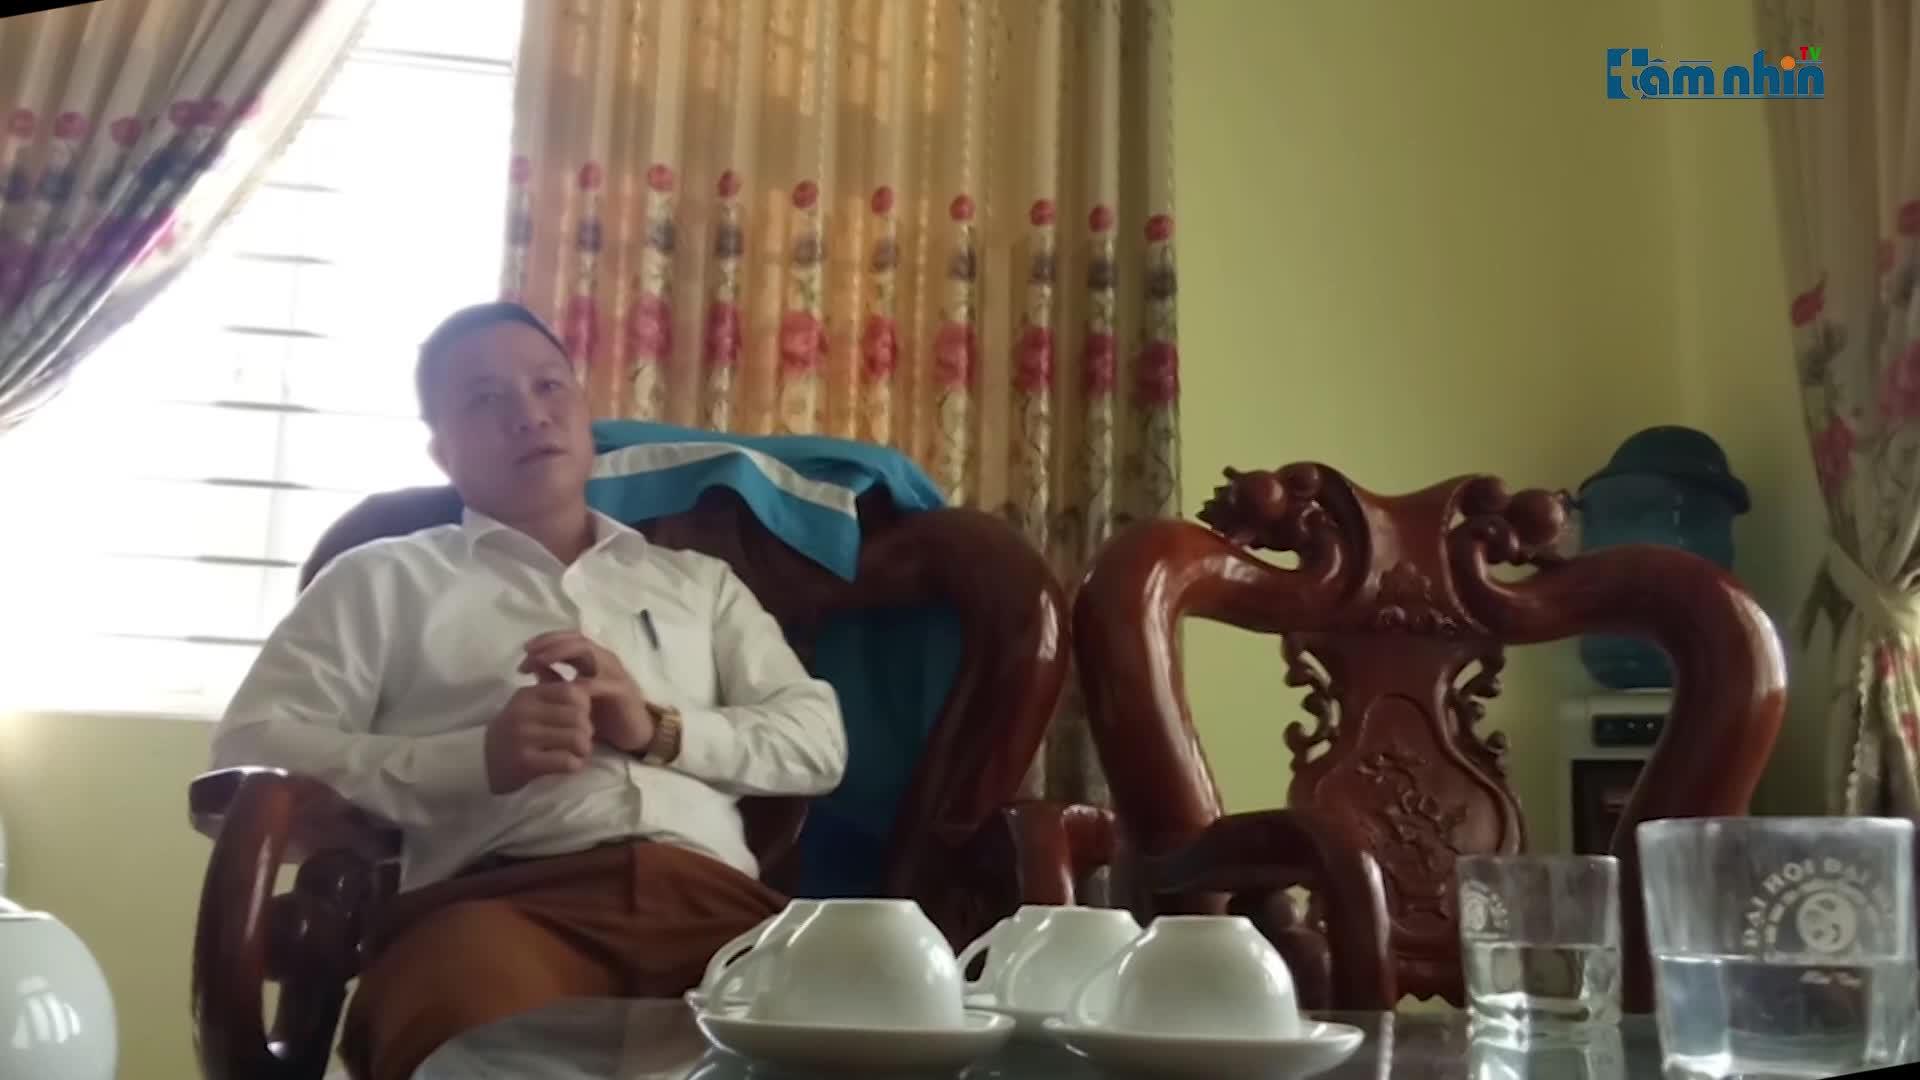 """Hòa Lạc Charm Villas by Xanh Group: Dự án """"chui"""" không được cấp phép"""